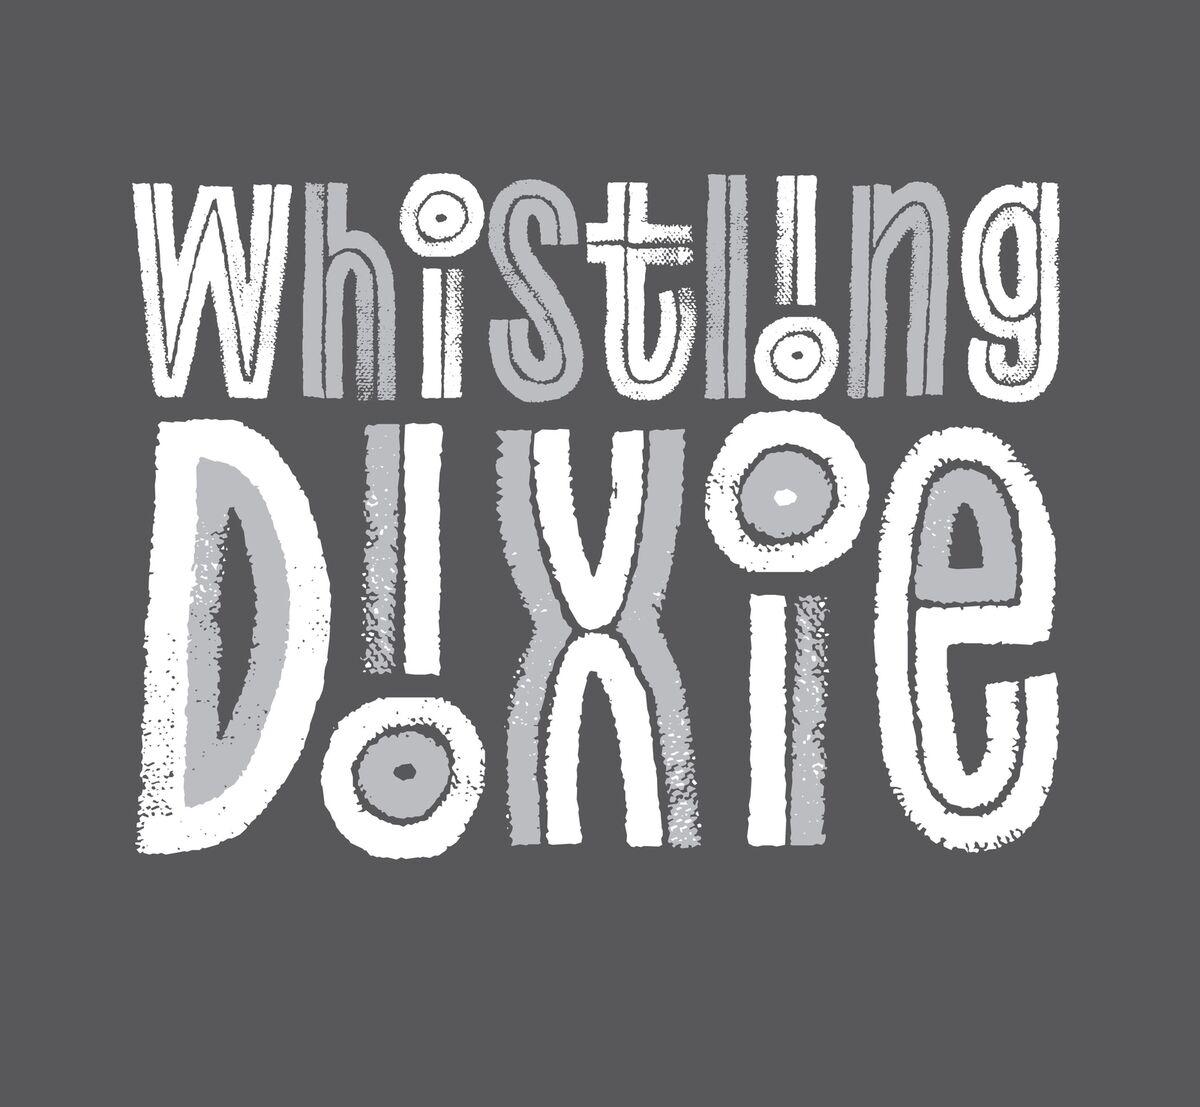 whistlingdixie2016